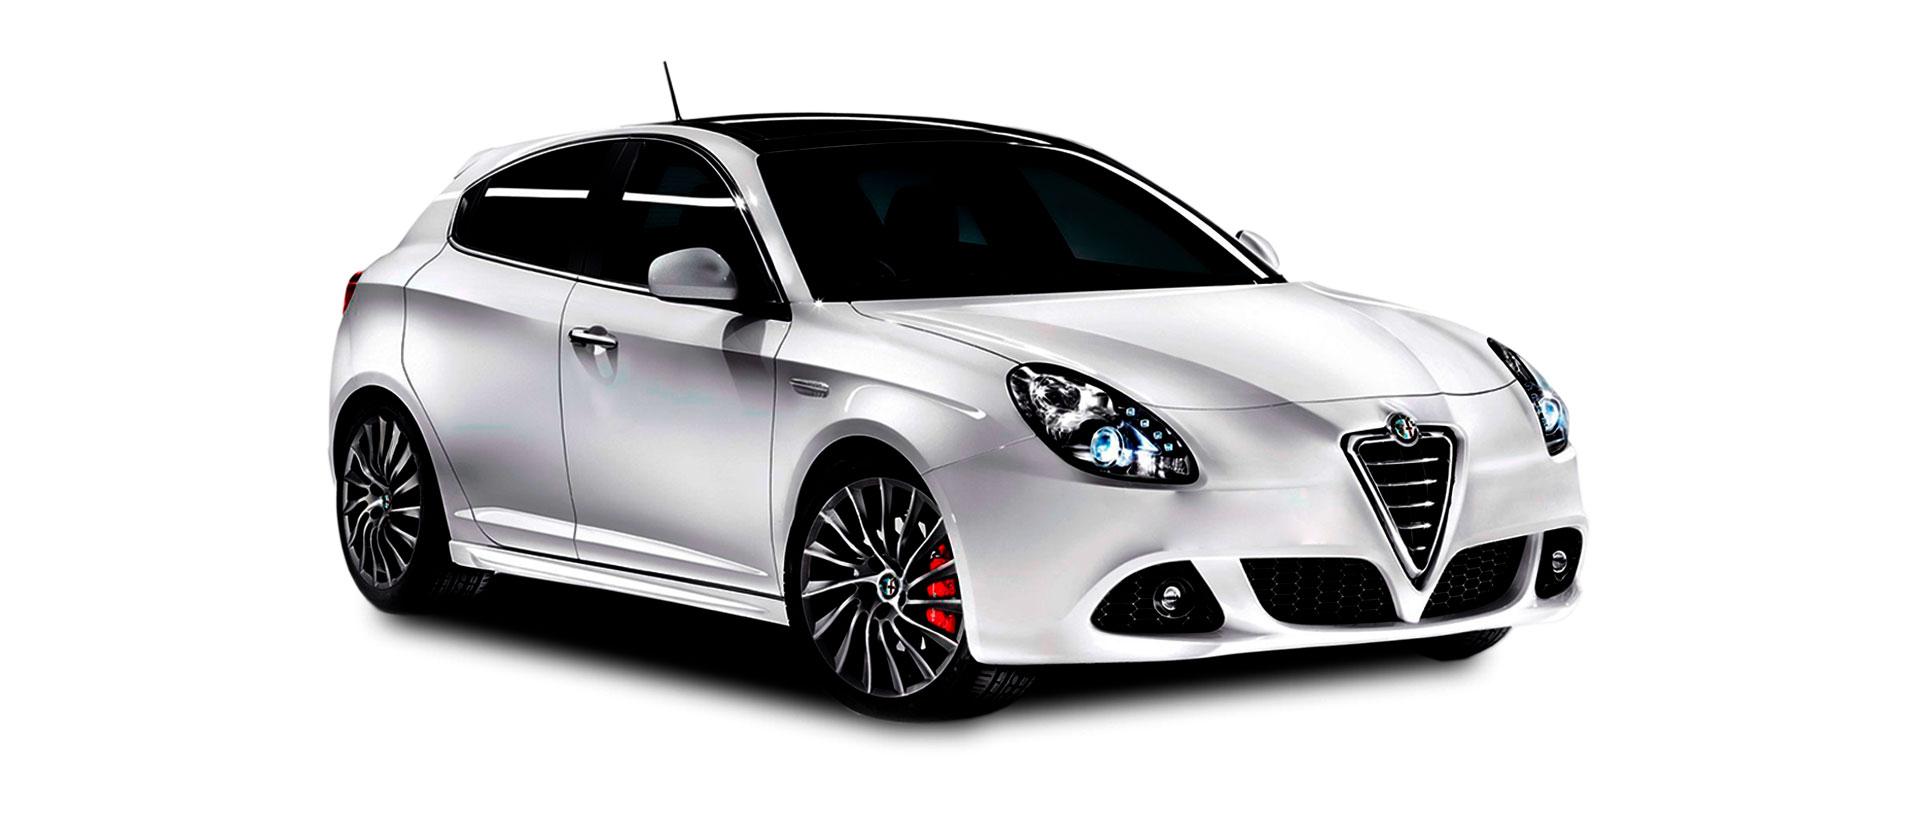 Mieten Sie einen Alfa Romeo Giulietta